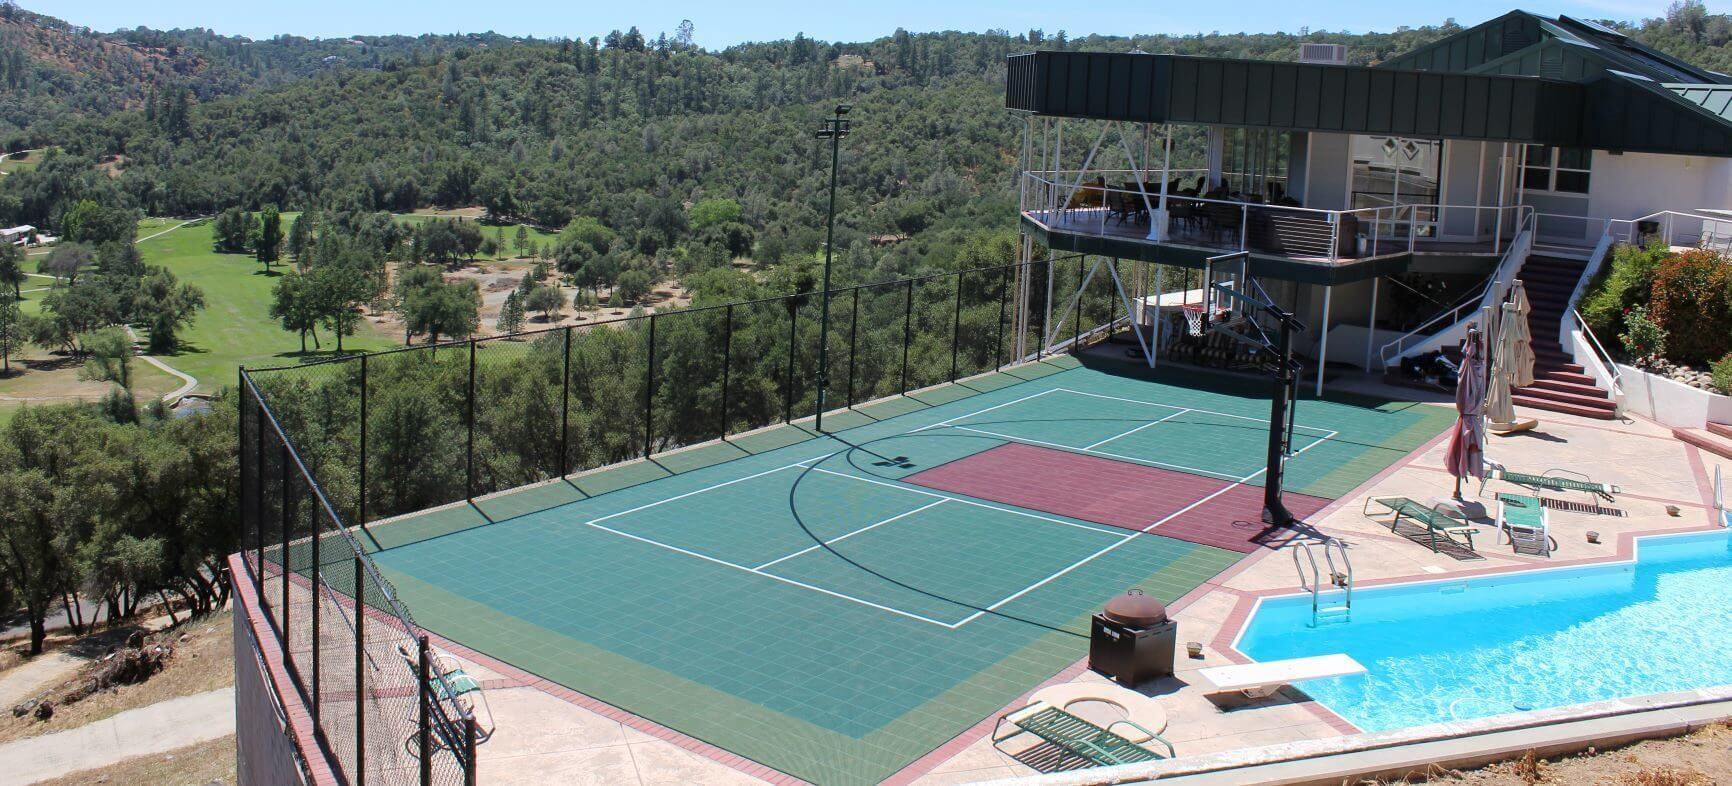 Allsport America Locations We Build Sport Courts Reno Nevada